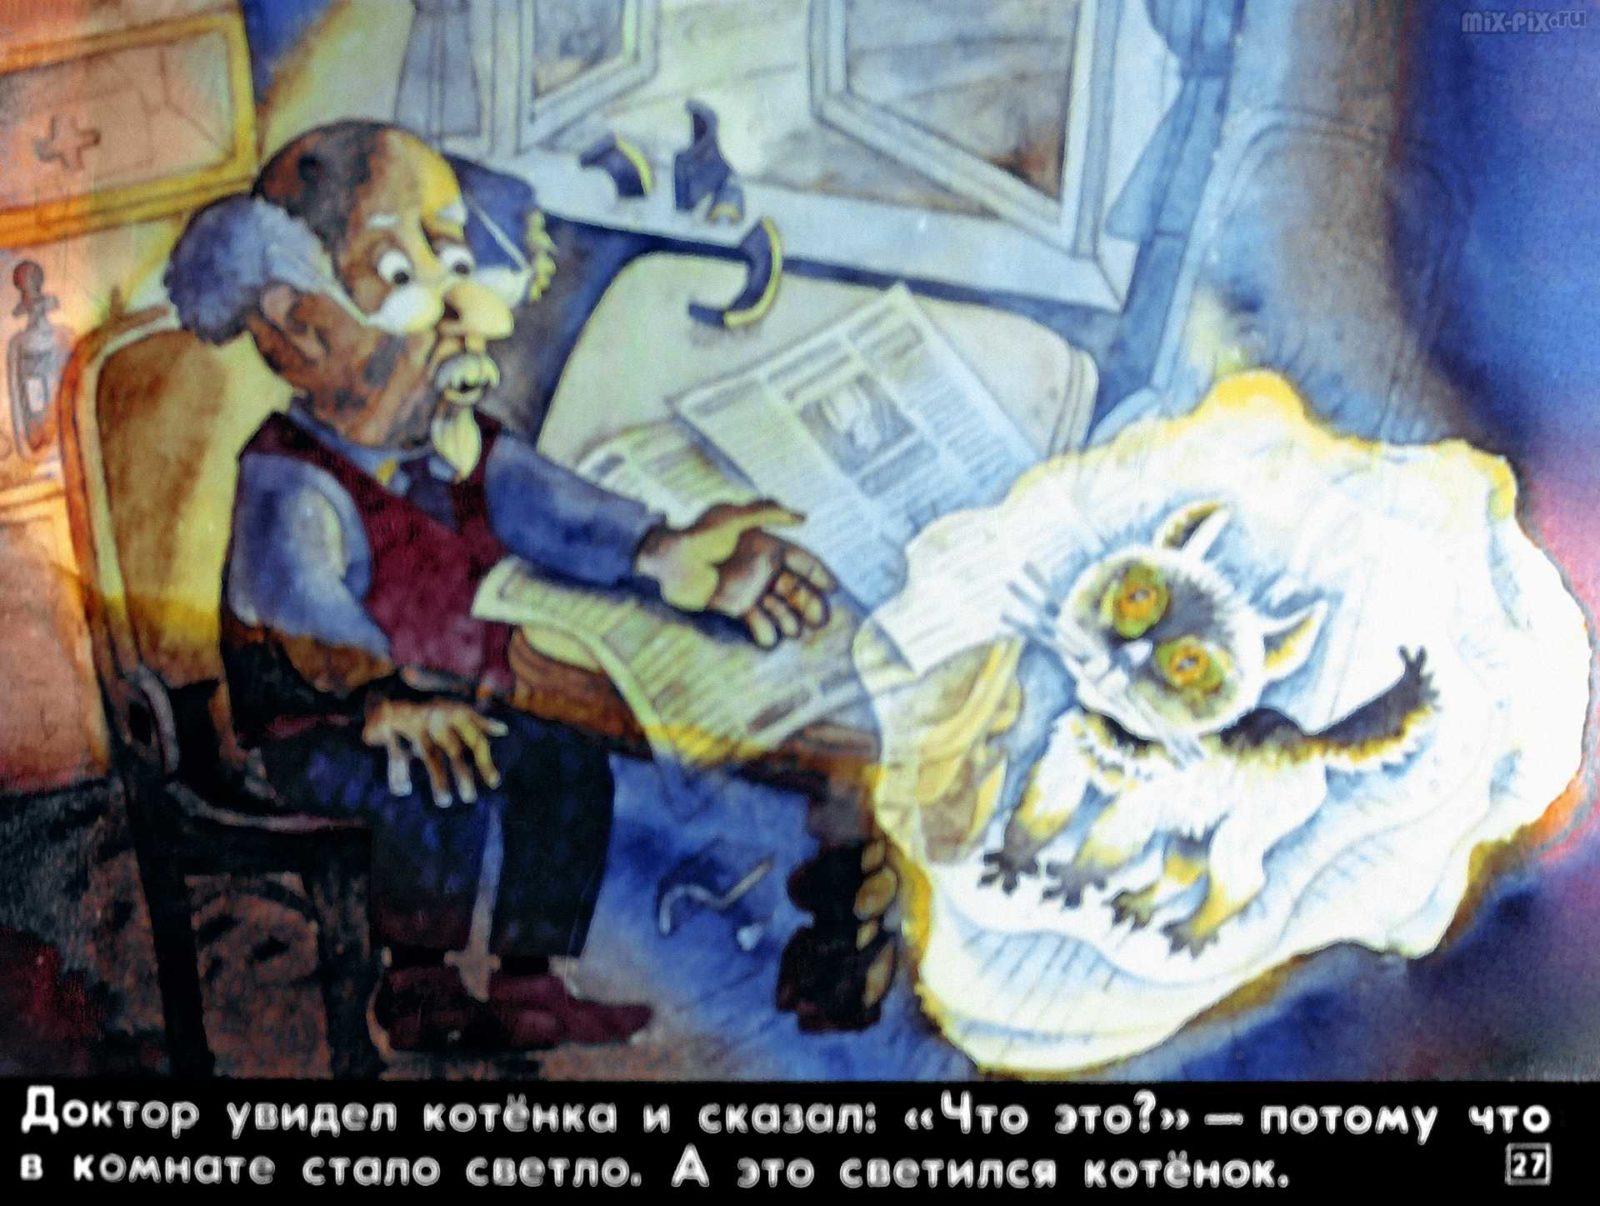 Сказка про лунный свет (1991) 42